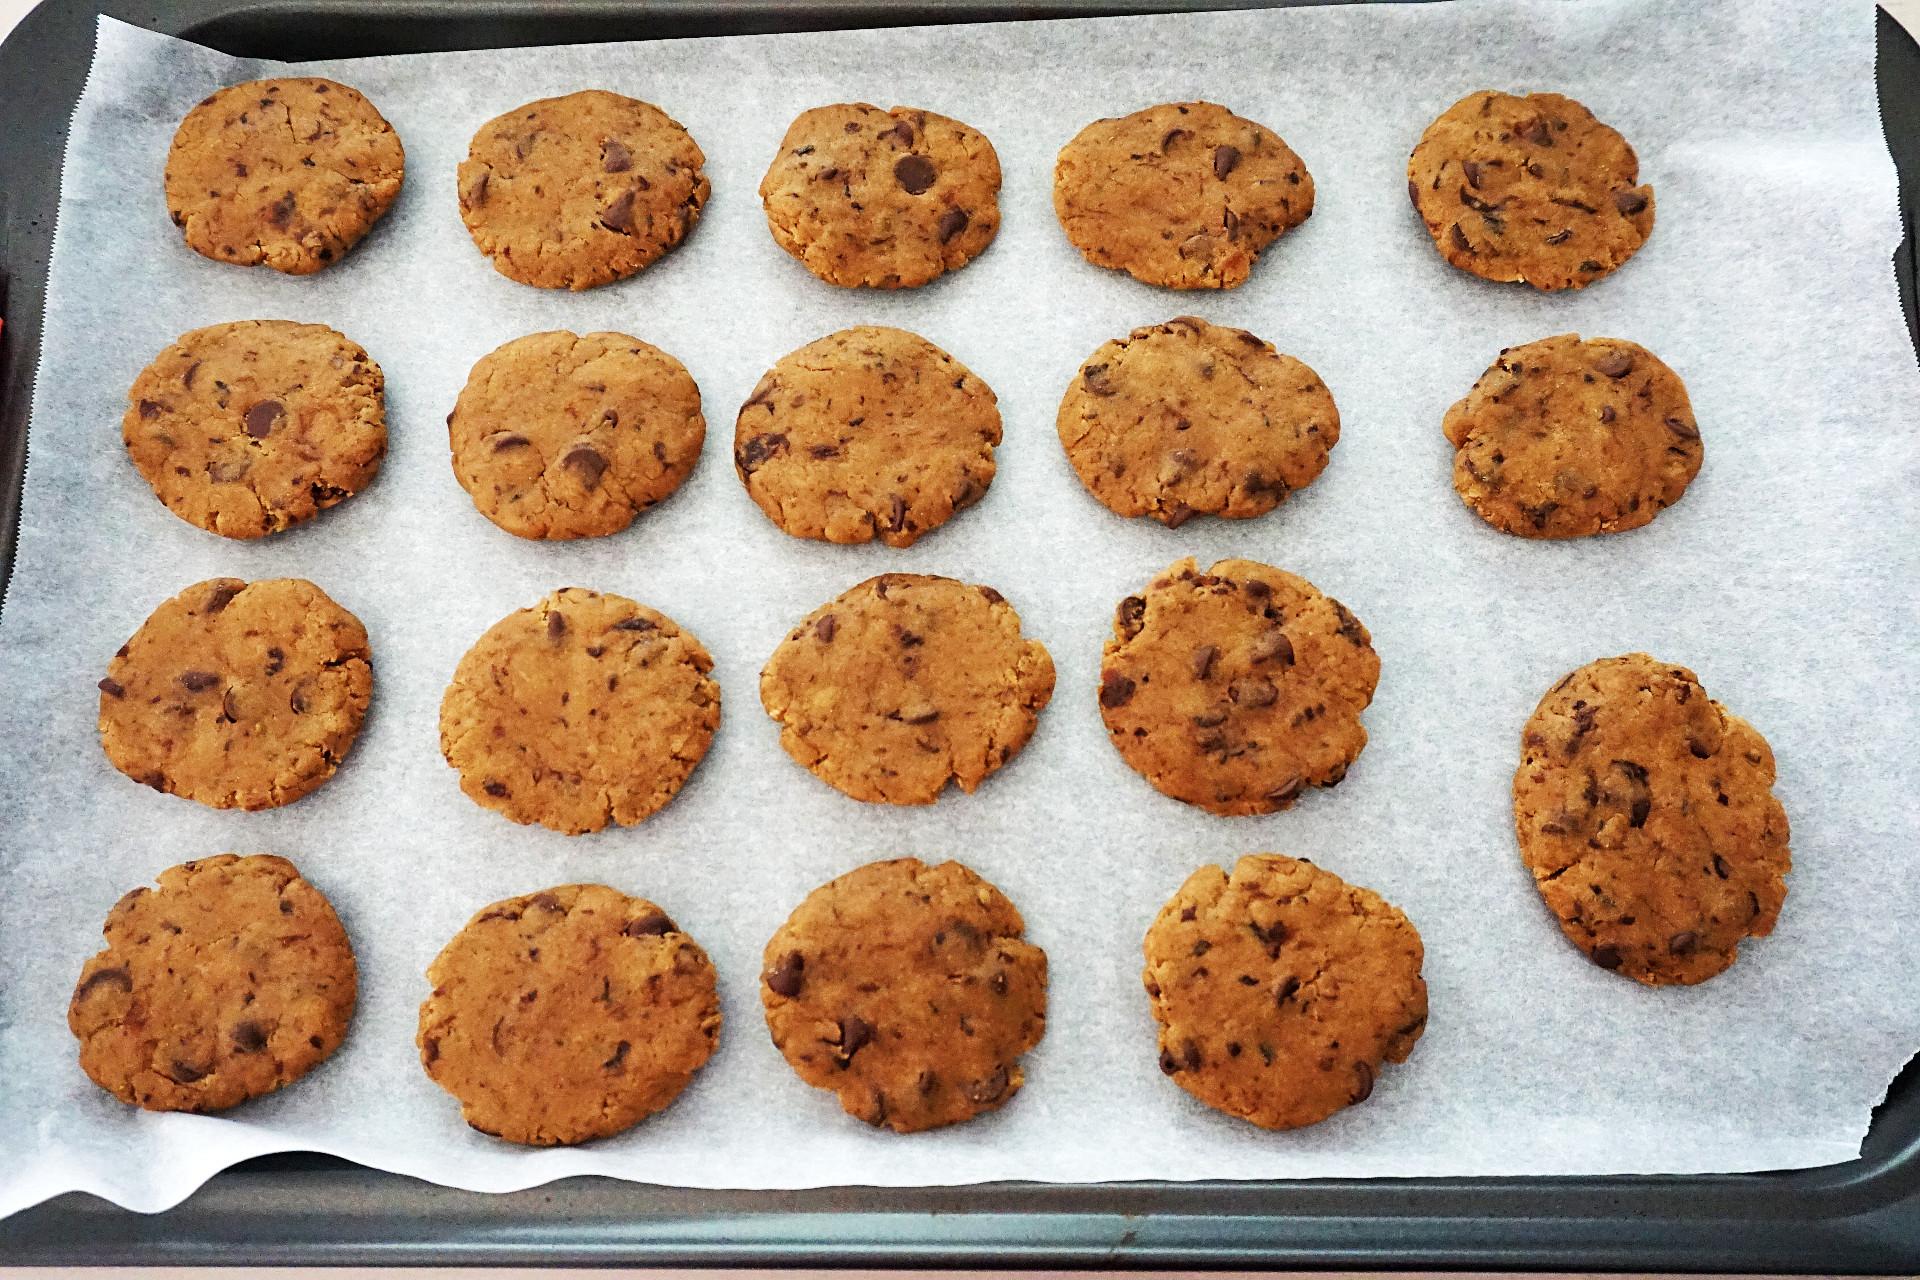 cookies on sheet